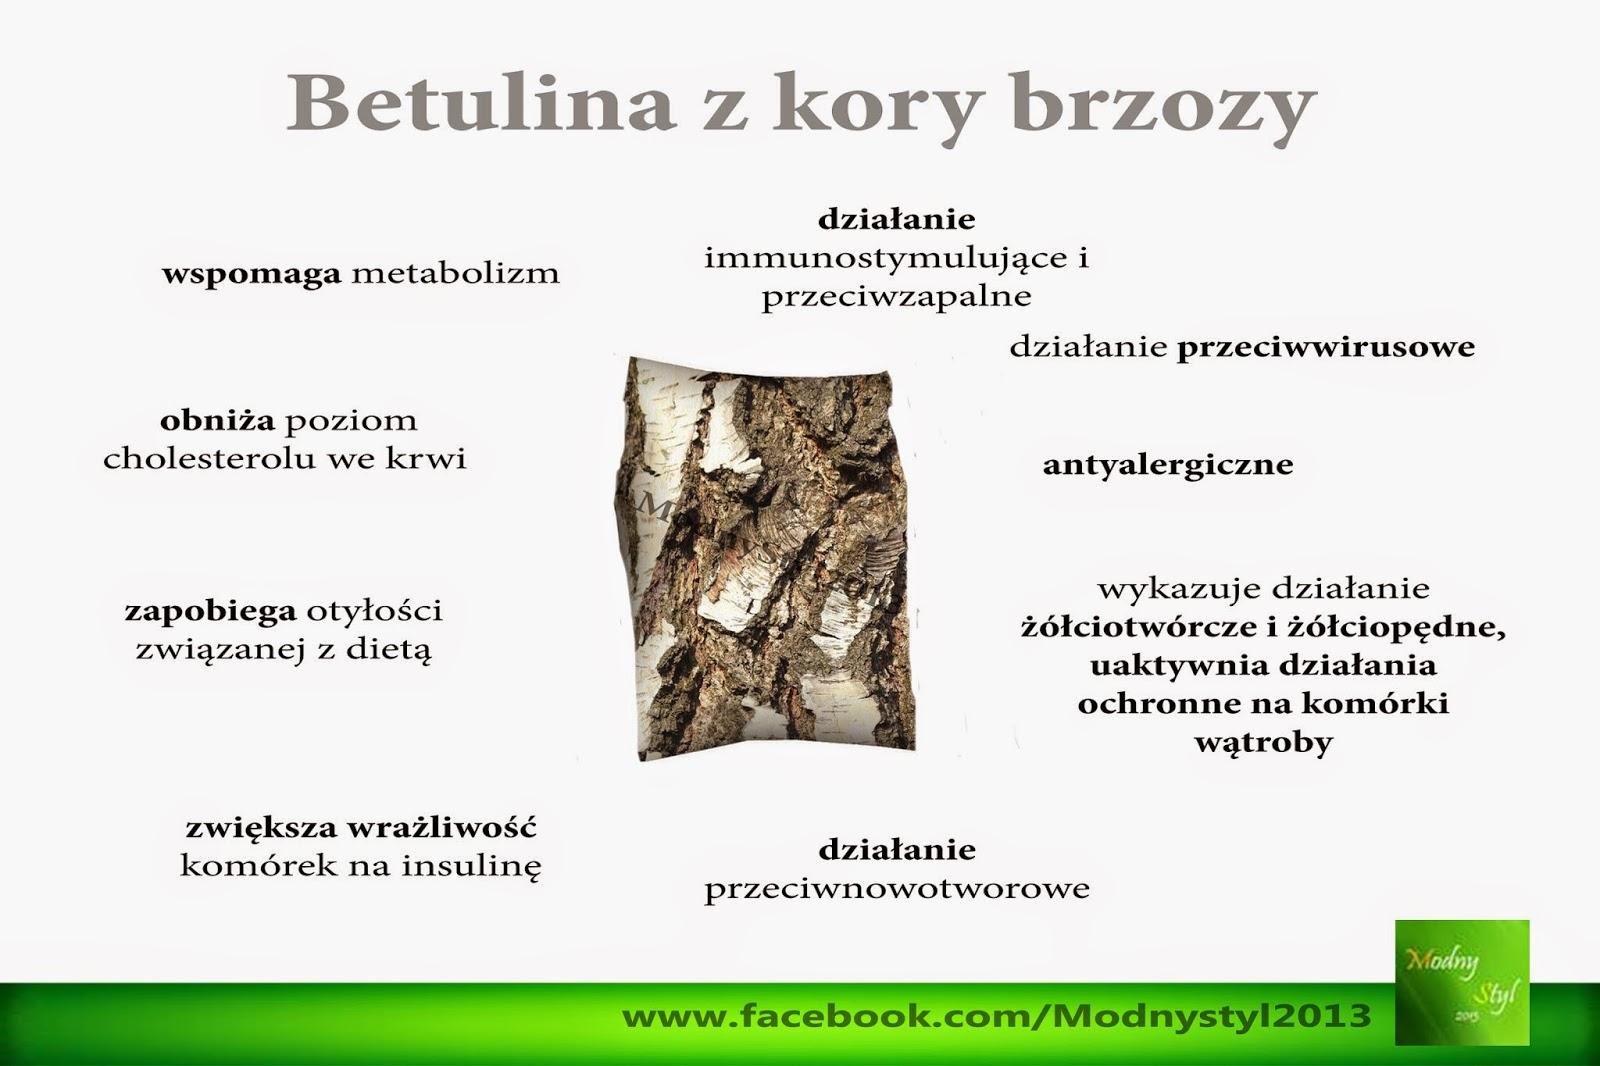 Betulina z kory brzozy